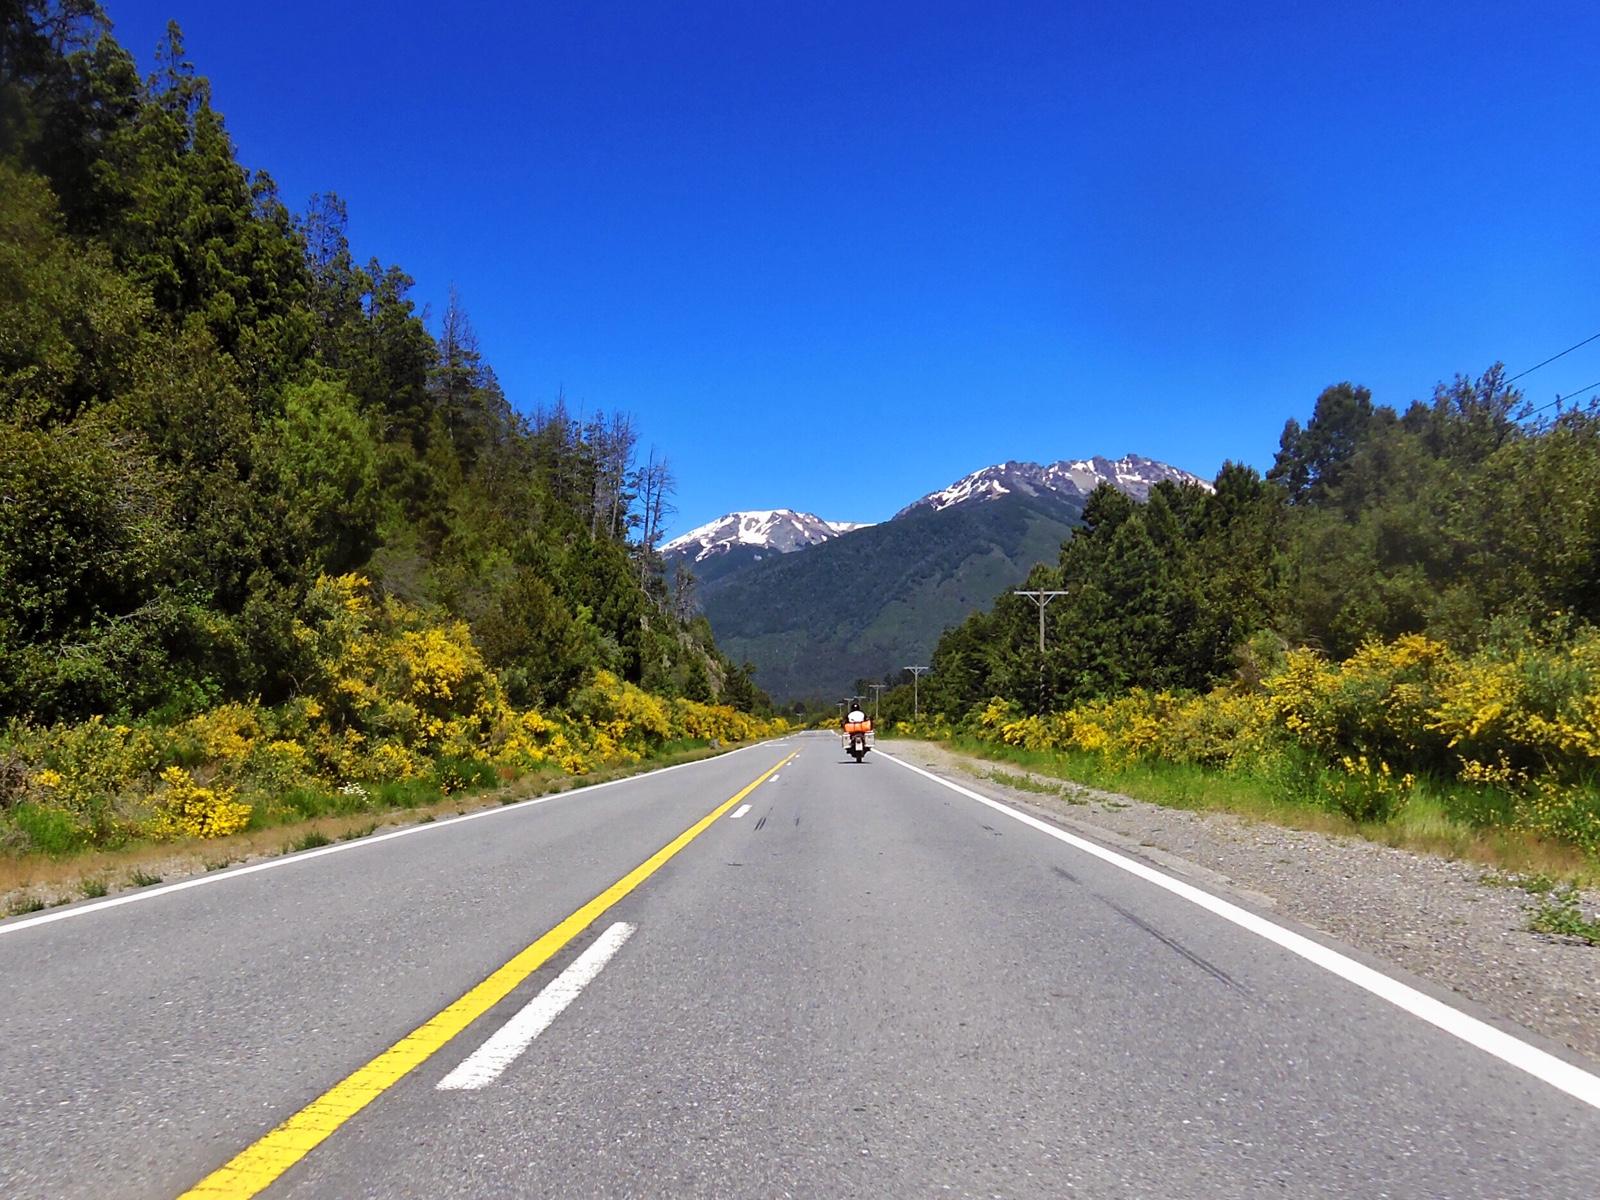 Ruta 40 kurz nach Bariloche